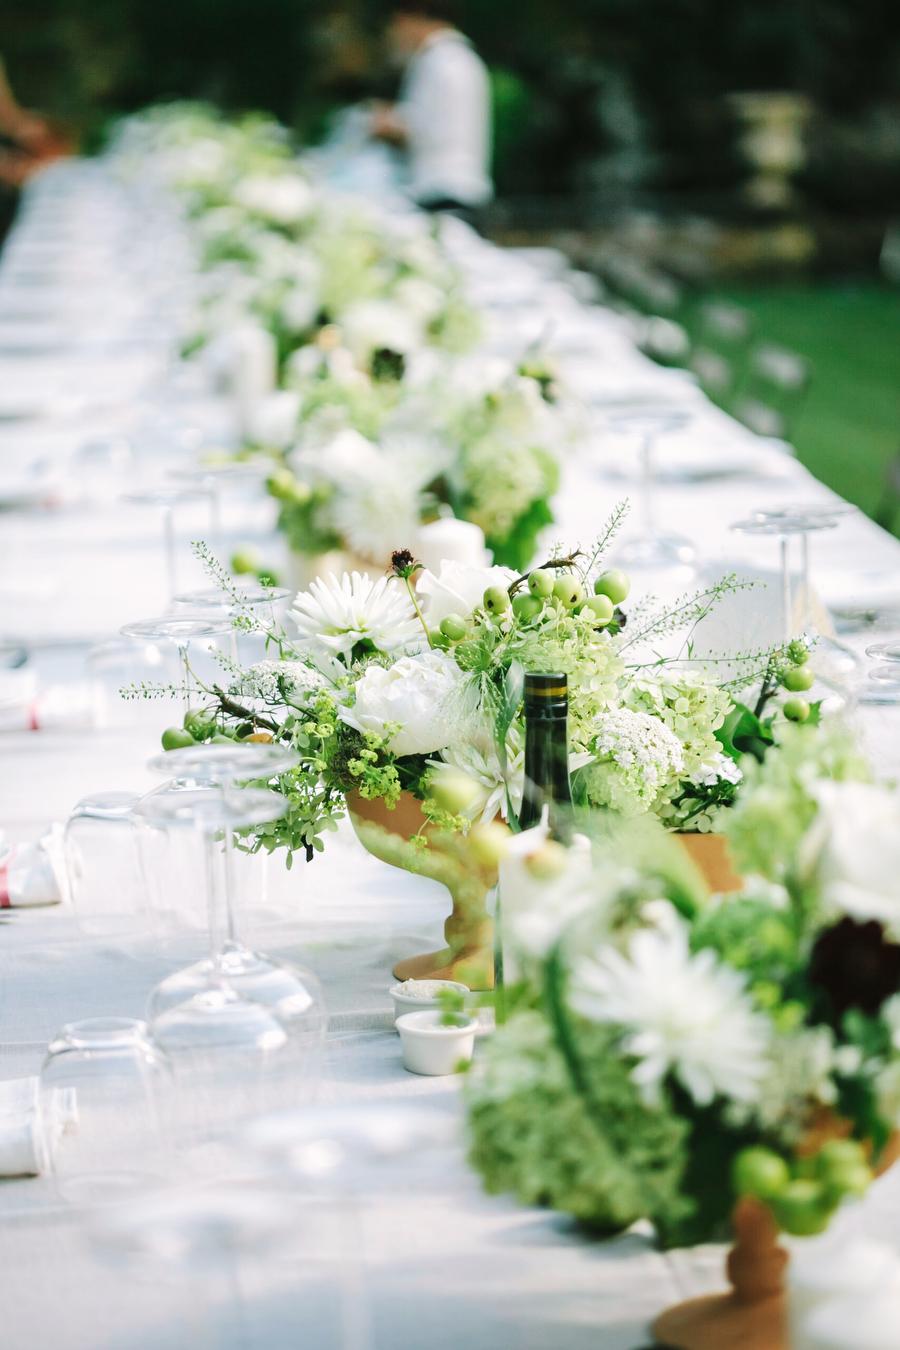 studio a q un mariage champetre chic en vert et blanc a rome la mariee aux pieds nus la. Black Bedroom Furniture Sets. Home Design Ideas